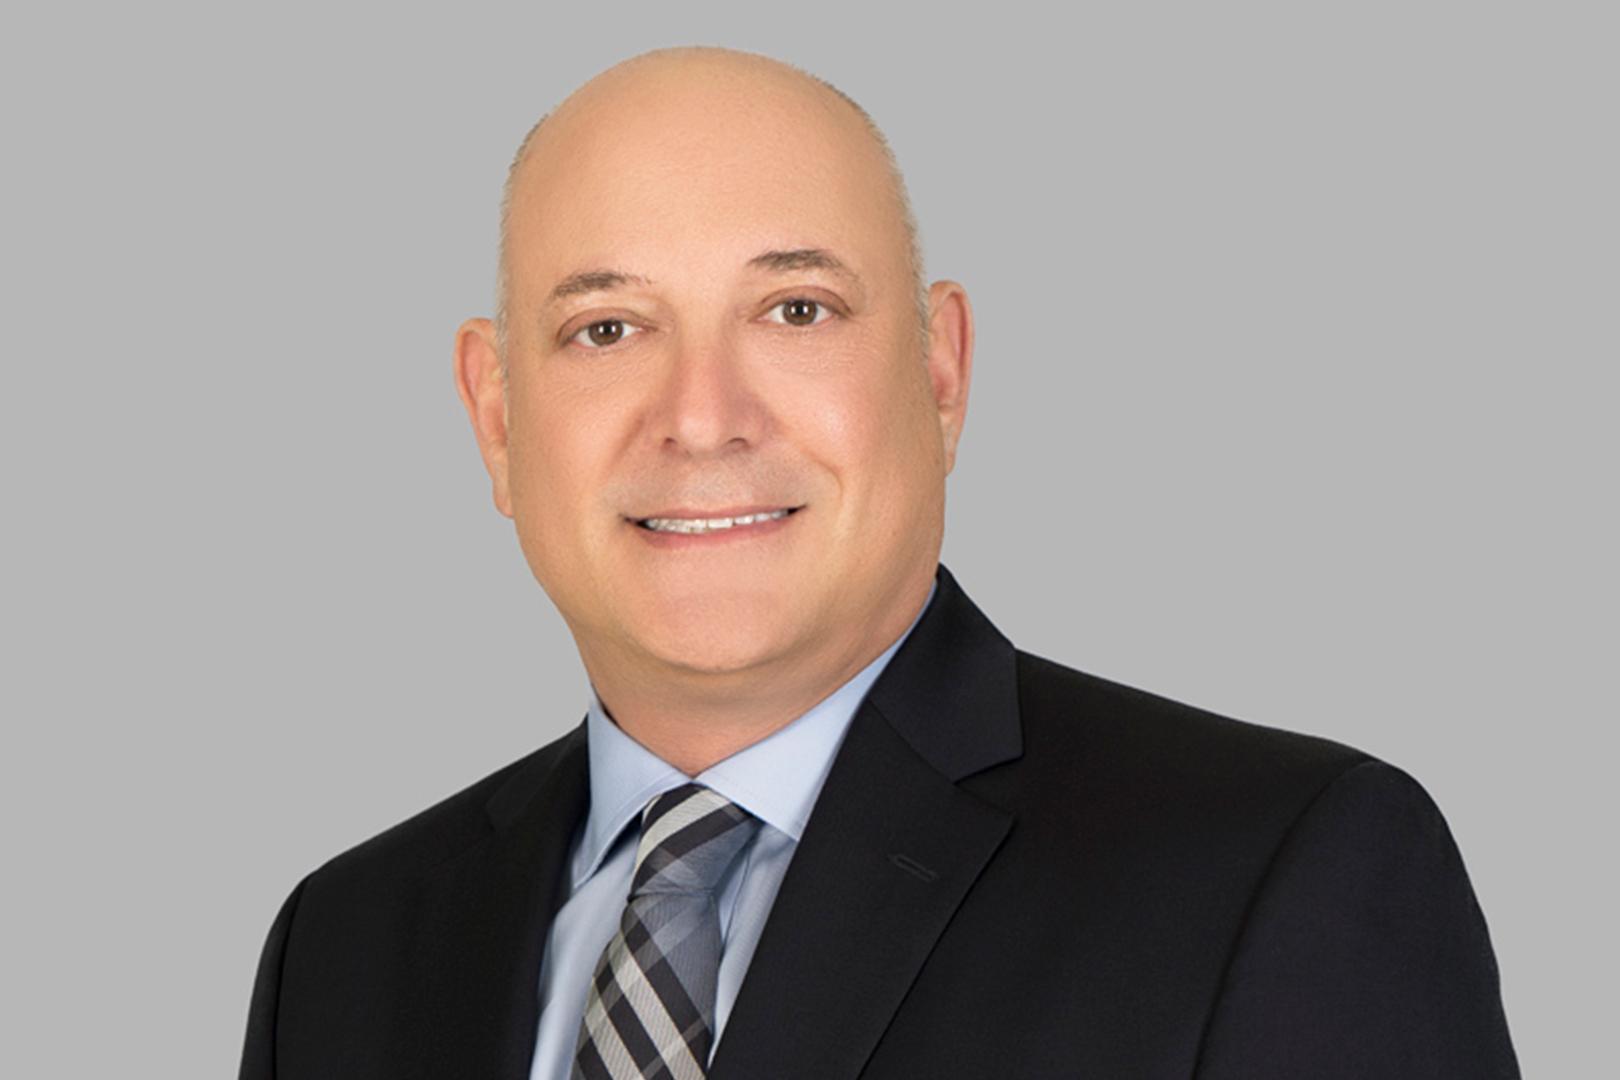 Shawn Ruben